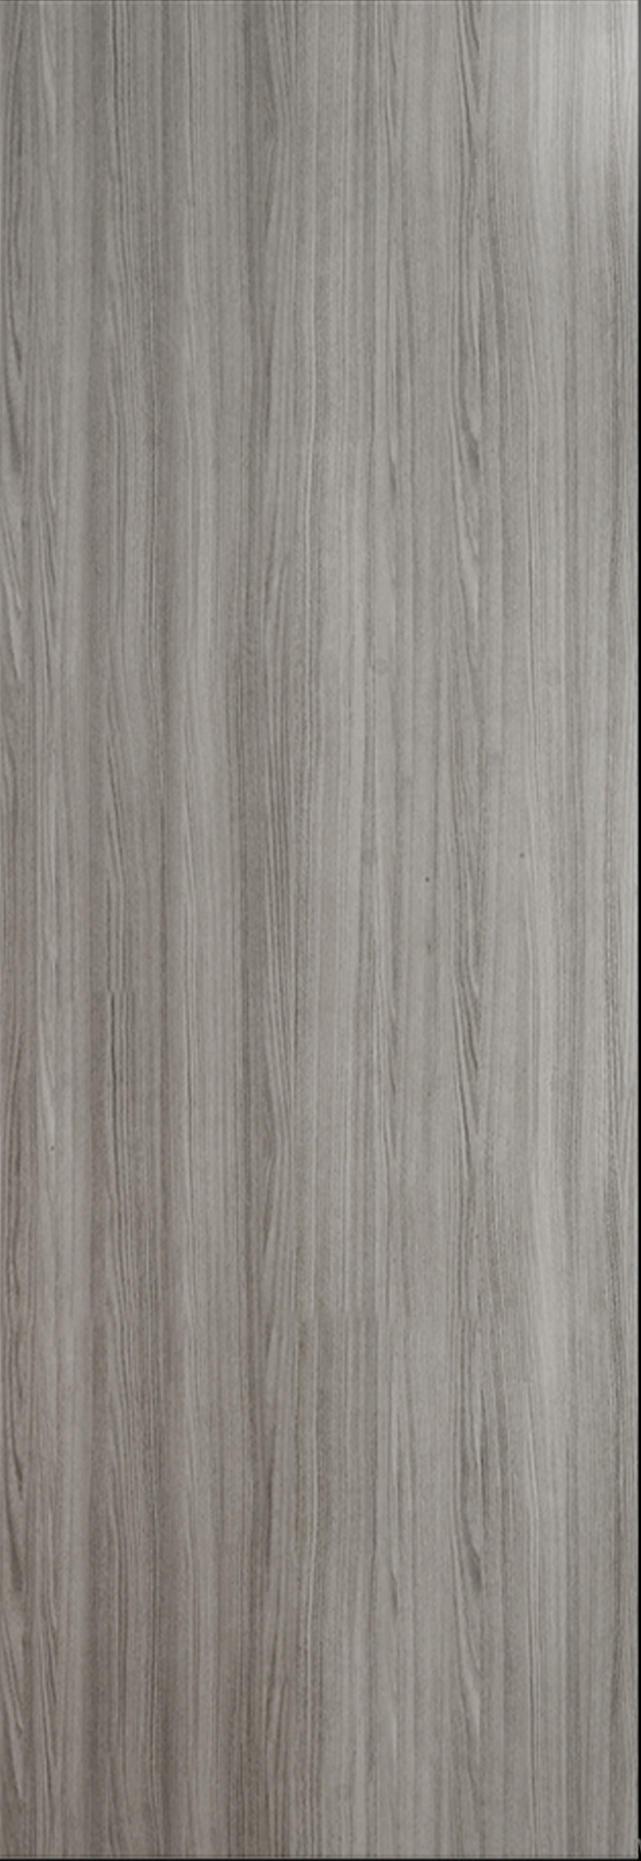 Tivoli А-1 Invisible цвет - Орех пепельный Без стекла (ДГ)